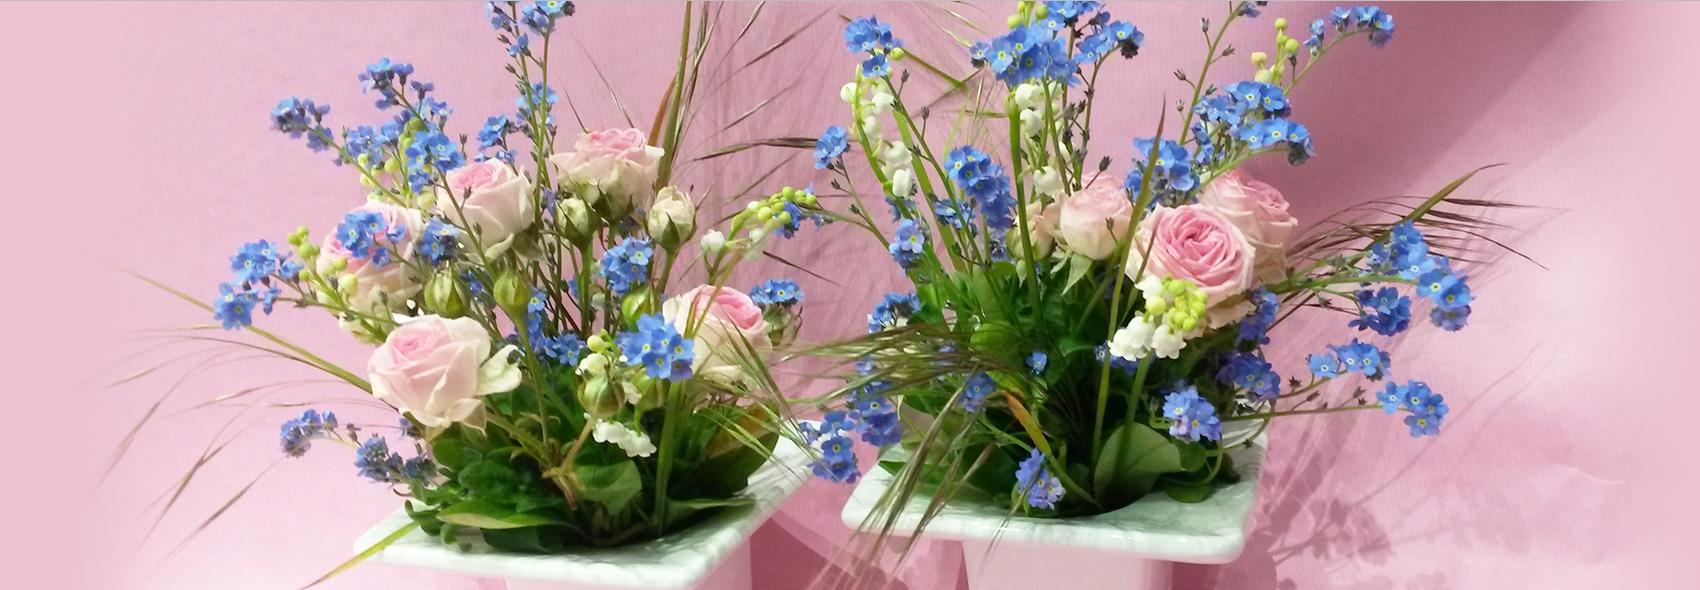 fleuriste au mans dans la sarthe 72 livraison de fleurs 7 jours 7. Black Bedroom Furniture Sets. Home Design Ideas